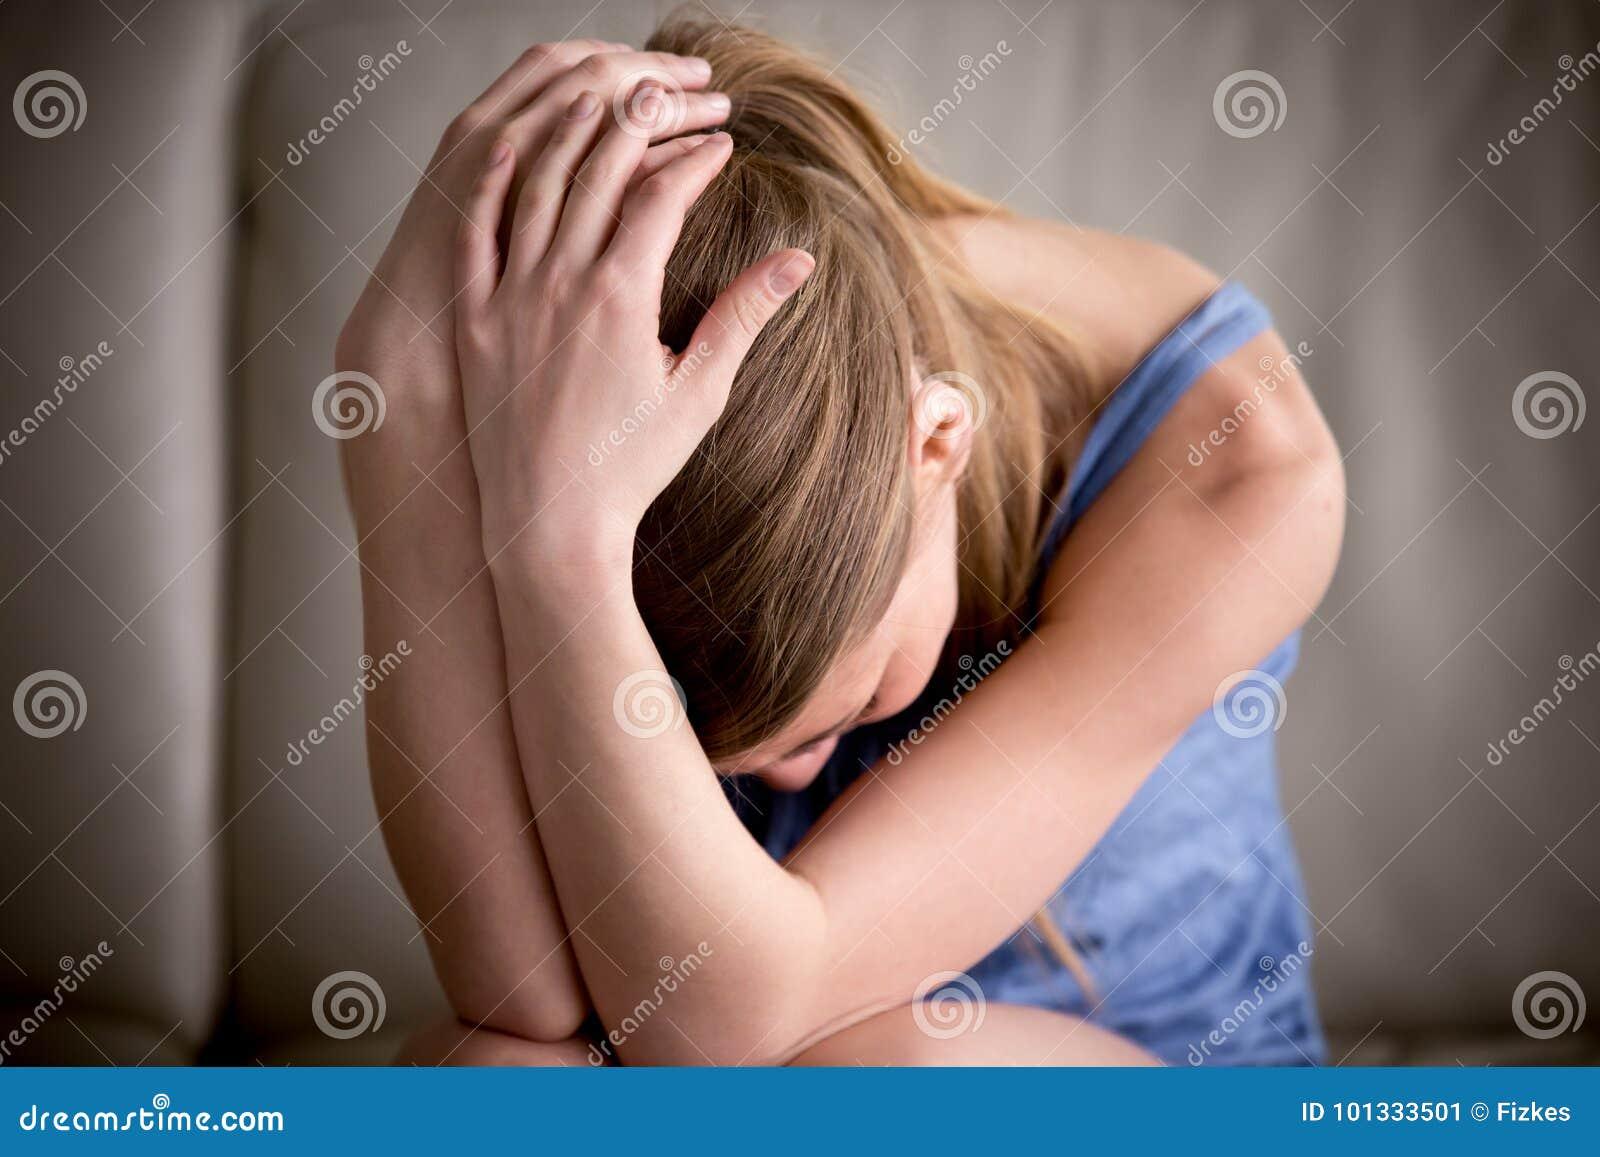 Guardar sozinho de grito do adolescente triste principal nas mãos, sentindo comprime